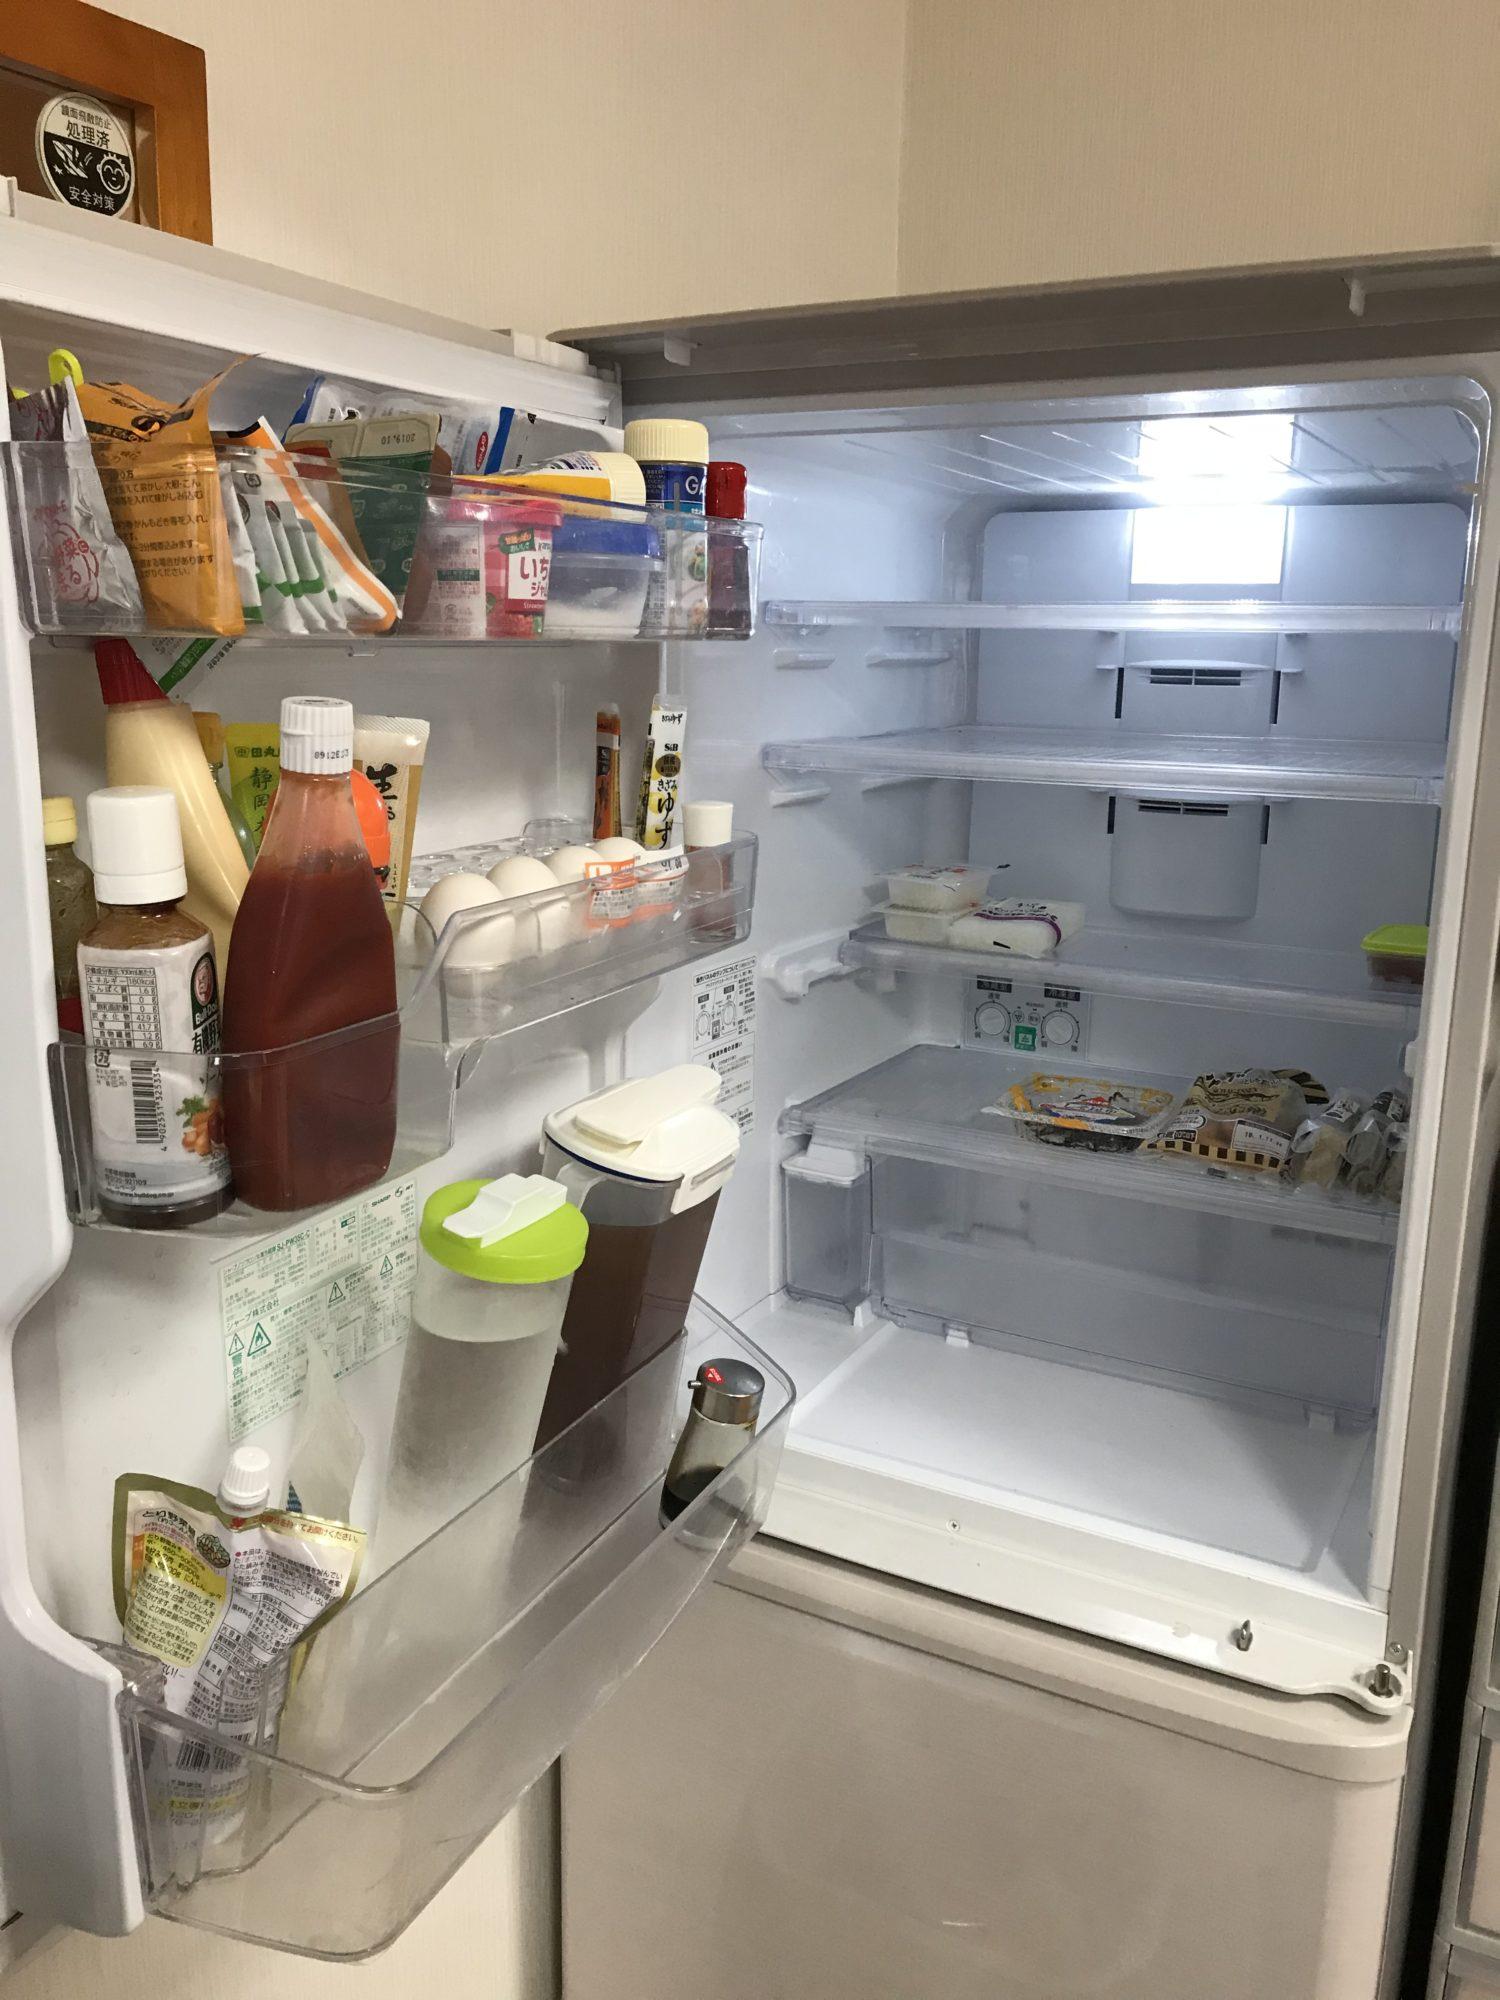 旅行後の食事。冷蔵庫、空っぽ生活。何も無いときこそ、人間は生きるために考える。